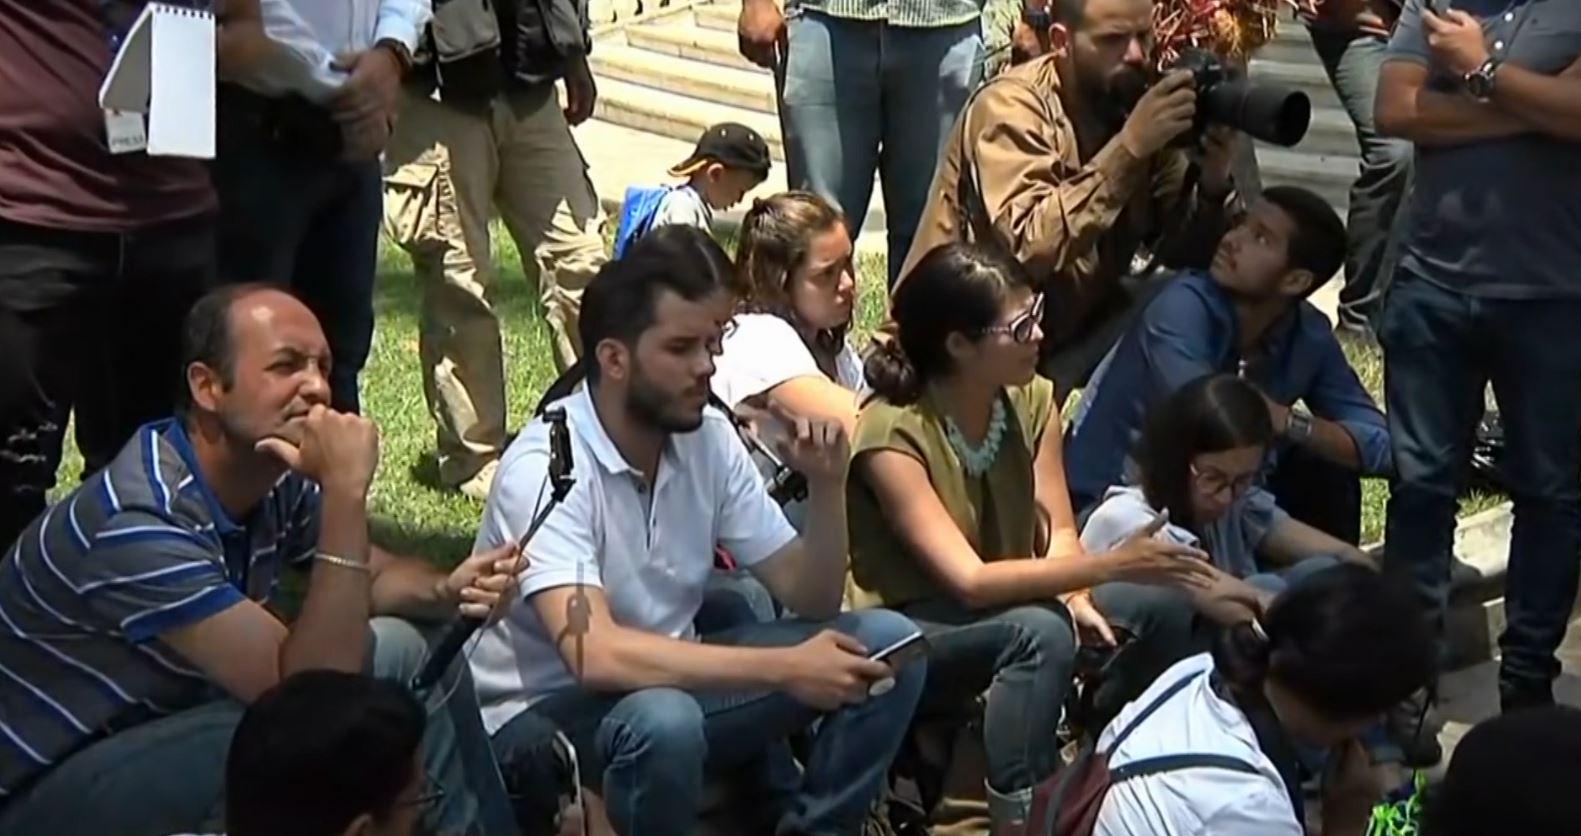 Venezuelë, qeveria heton liderin e opozitës për sabotazh